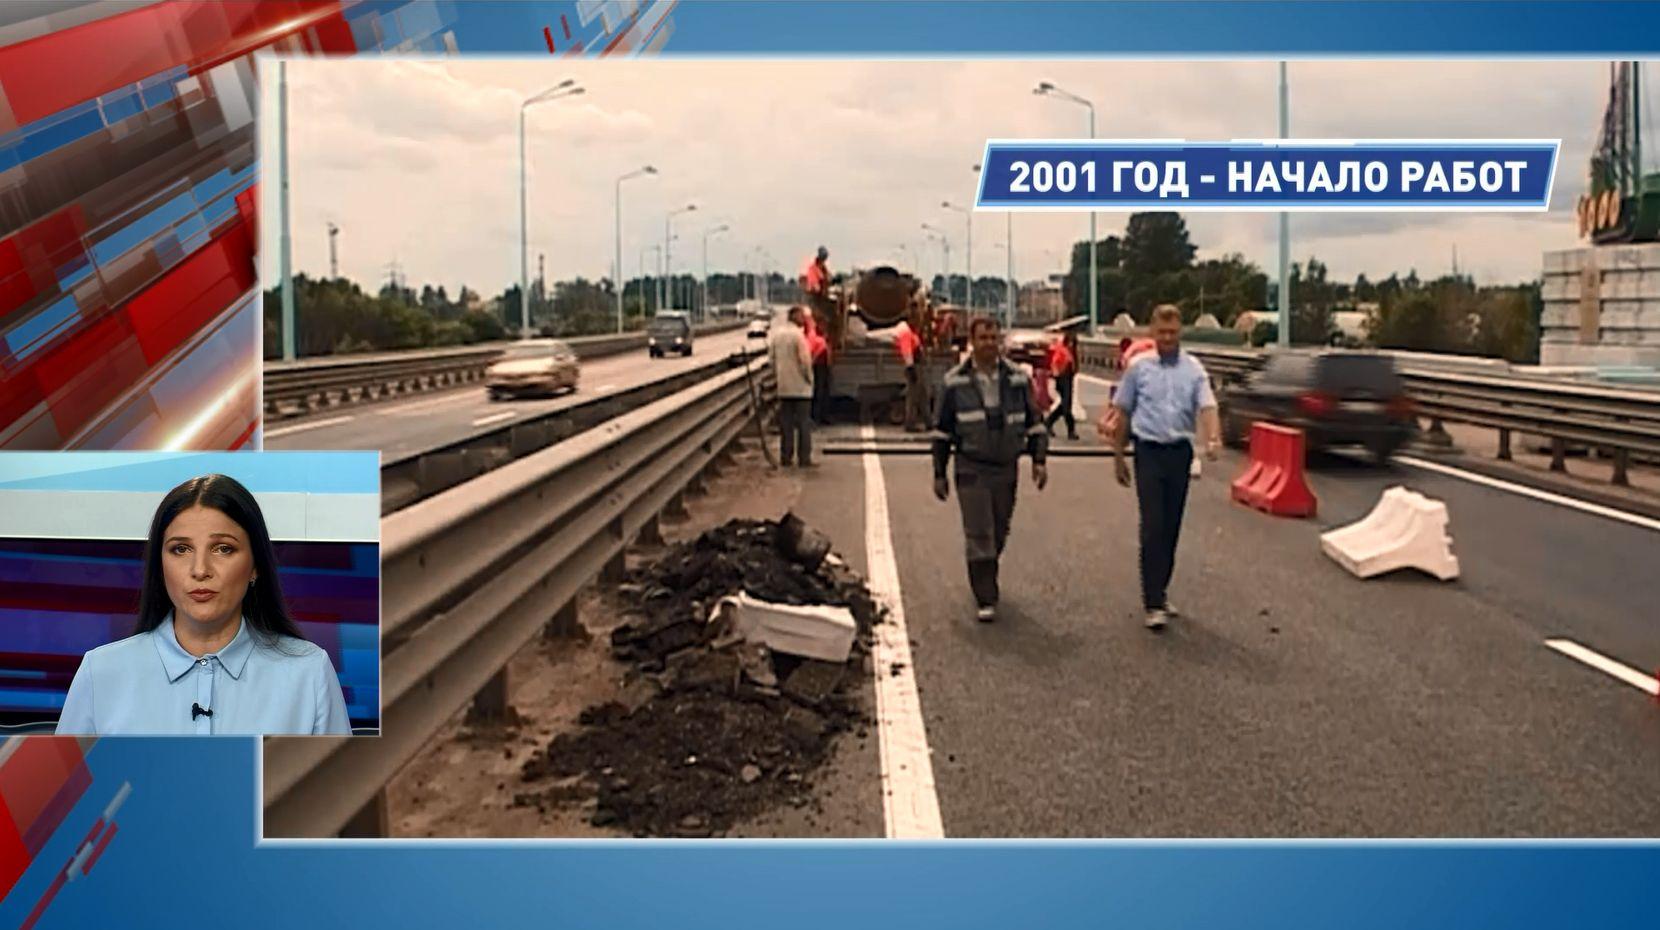 День рождения Юбилейного - 15 лет назад в Ярославле открыли движение по юбилейному мосту